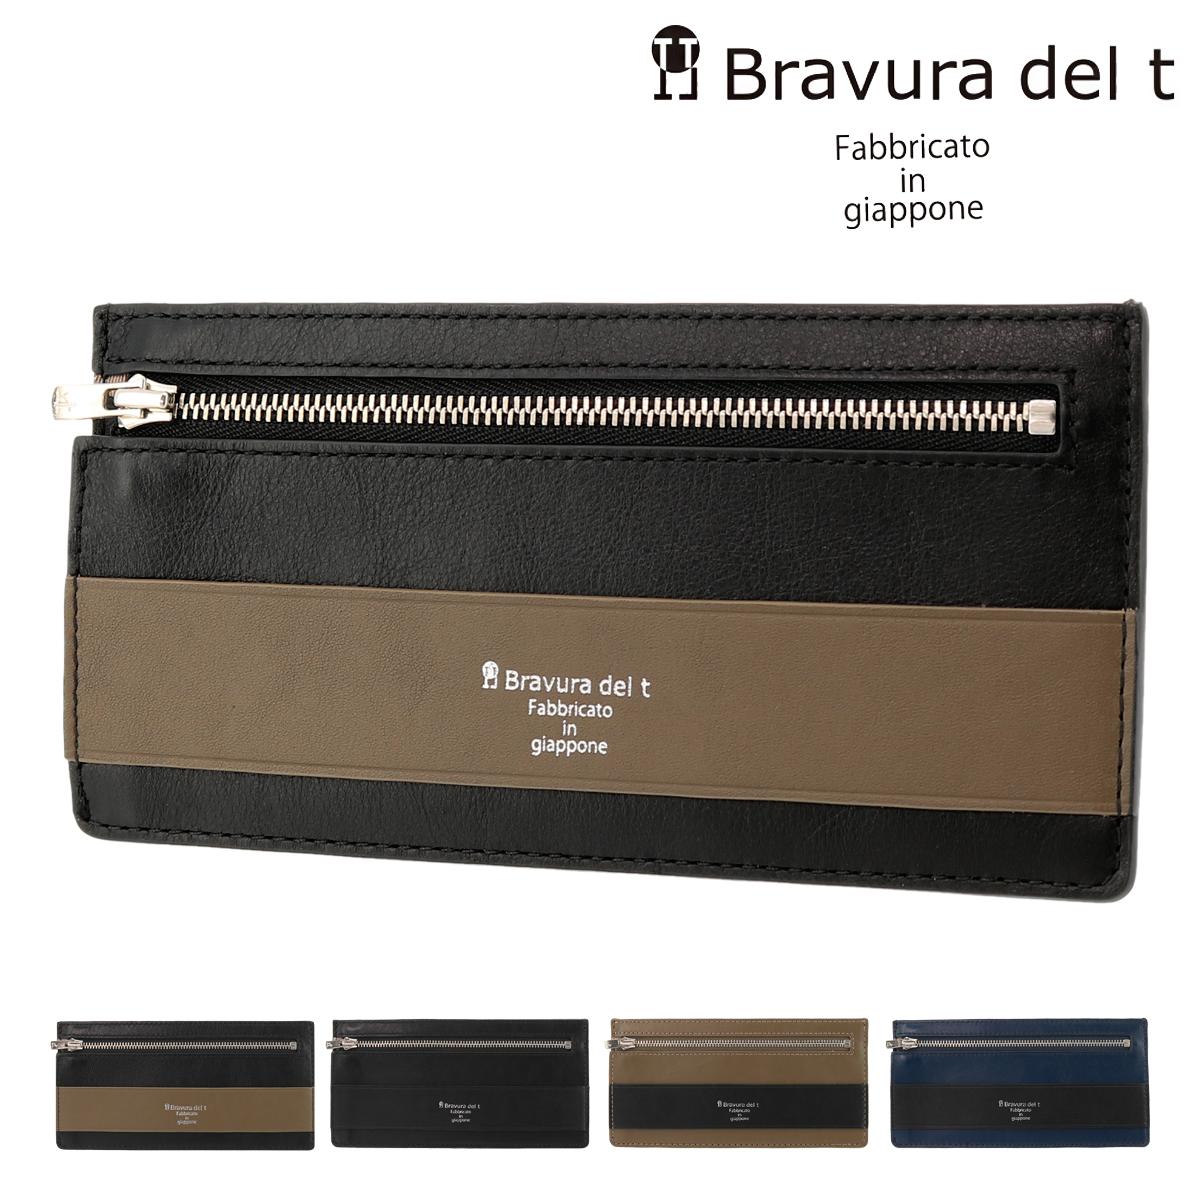 ブラビューラ デルティ 長財布 メンズ 16006 日本製 Bravura del t   札入れ 薄い 牛革 本革 レザー [即日発送]